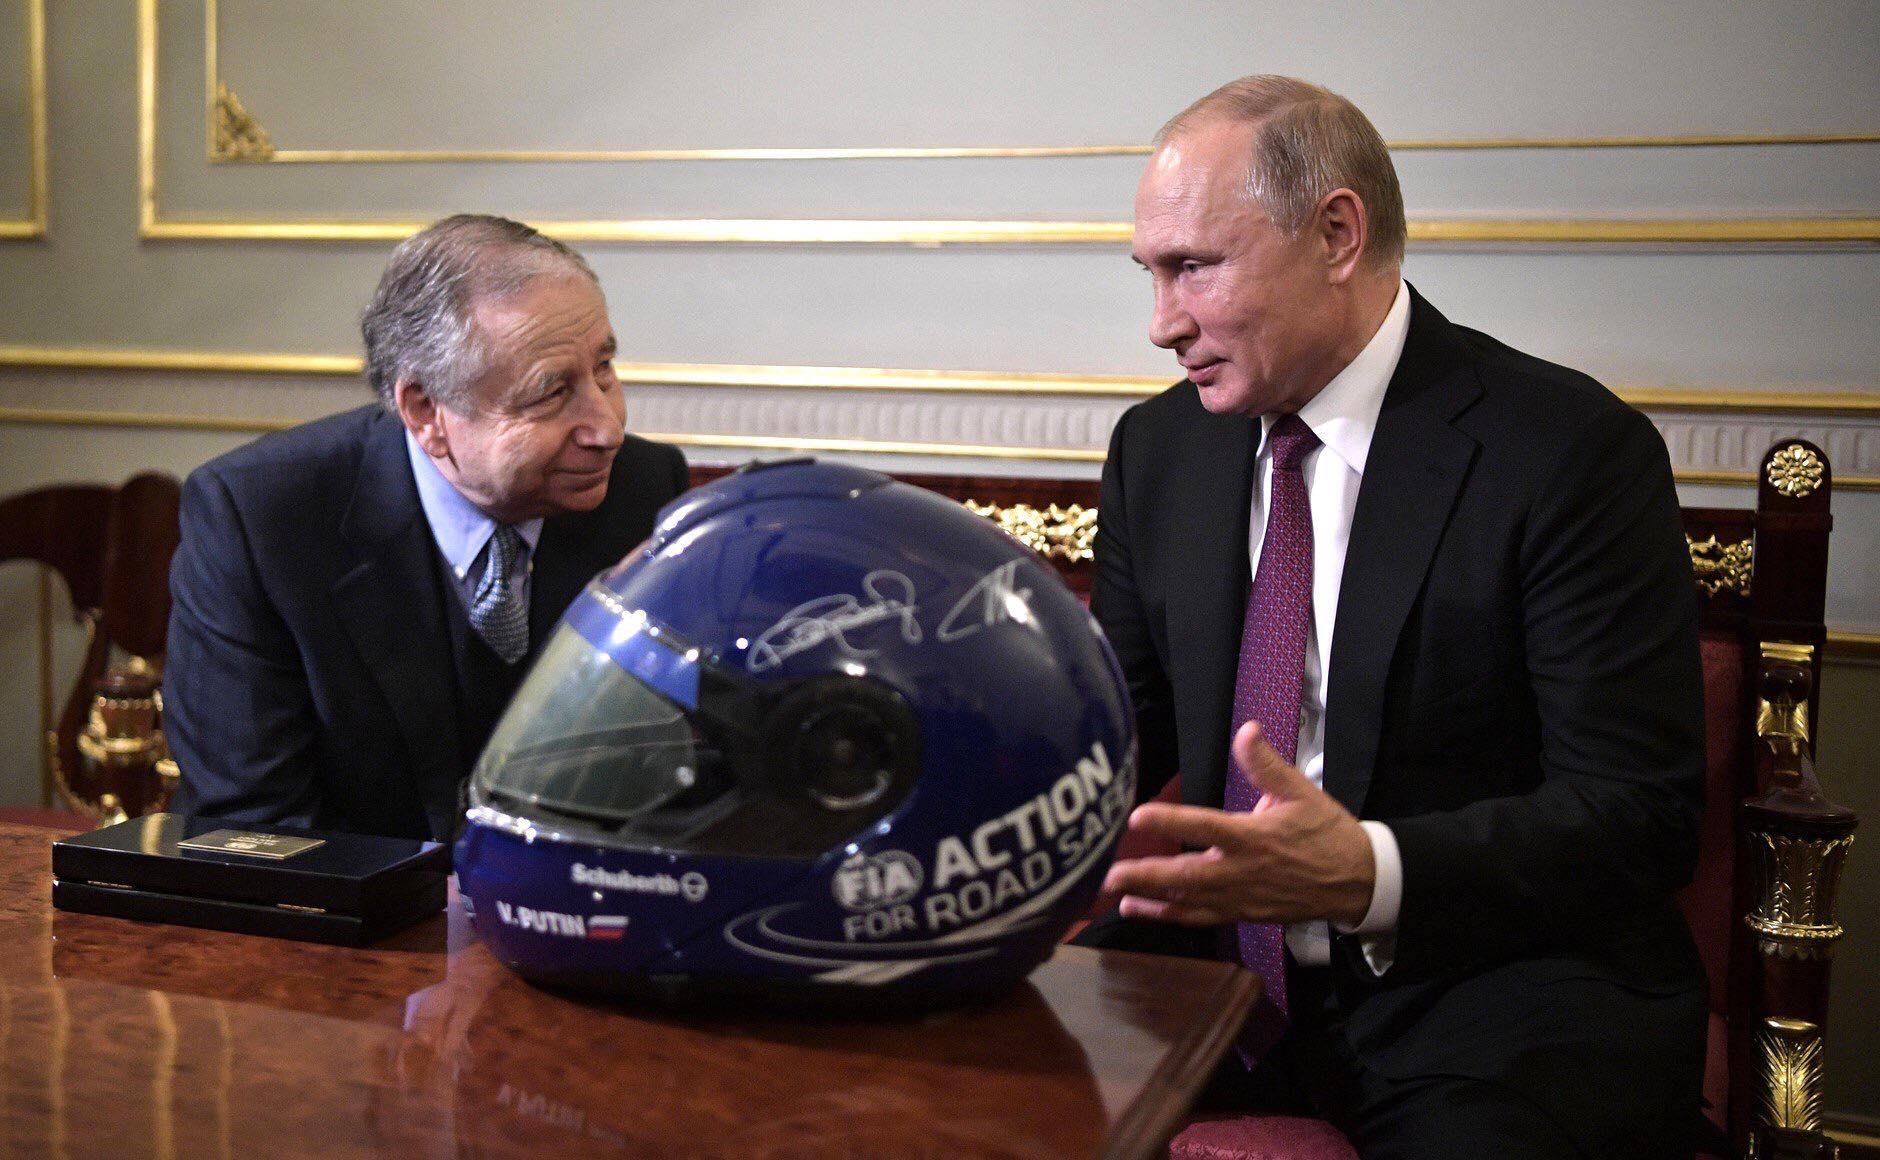 J. Todtas susitiko su V. Putinu aptarti Rusijos automobilių sporto ateities